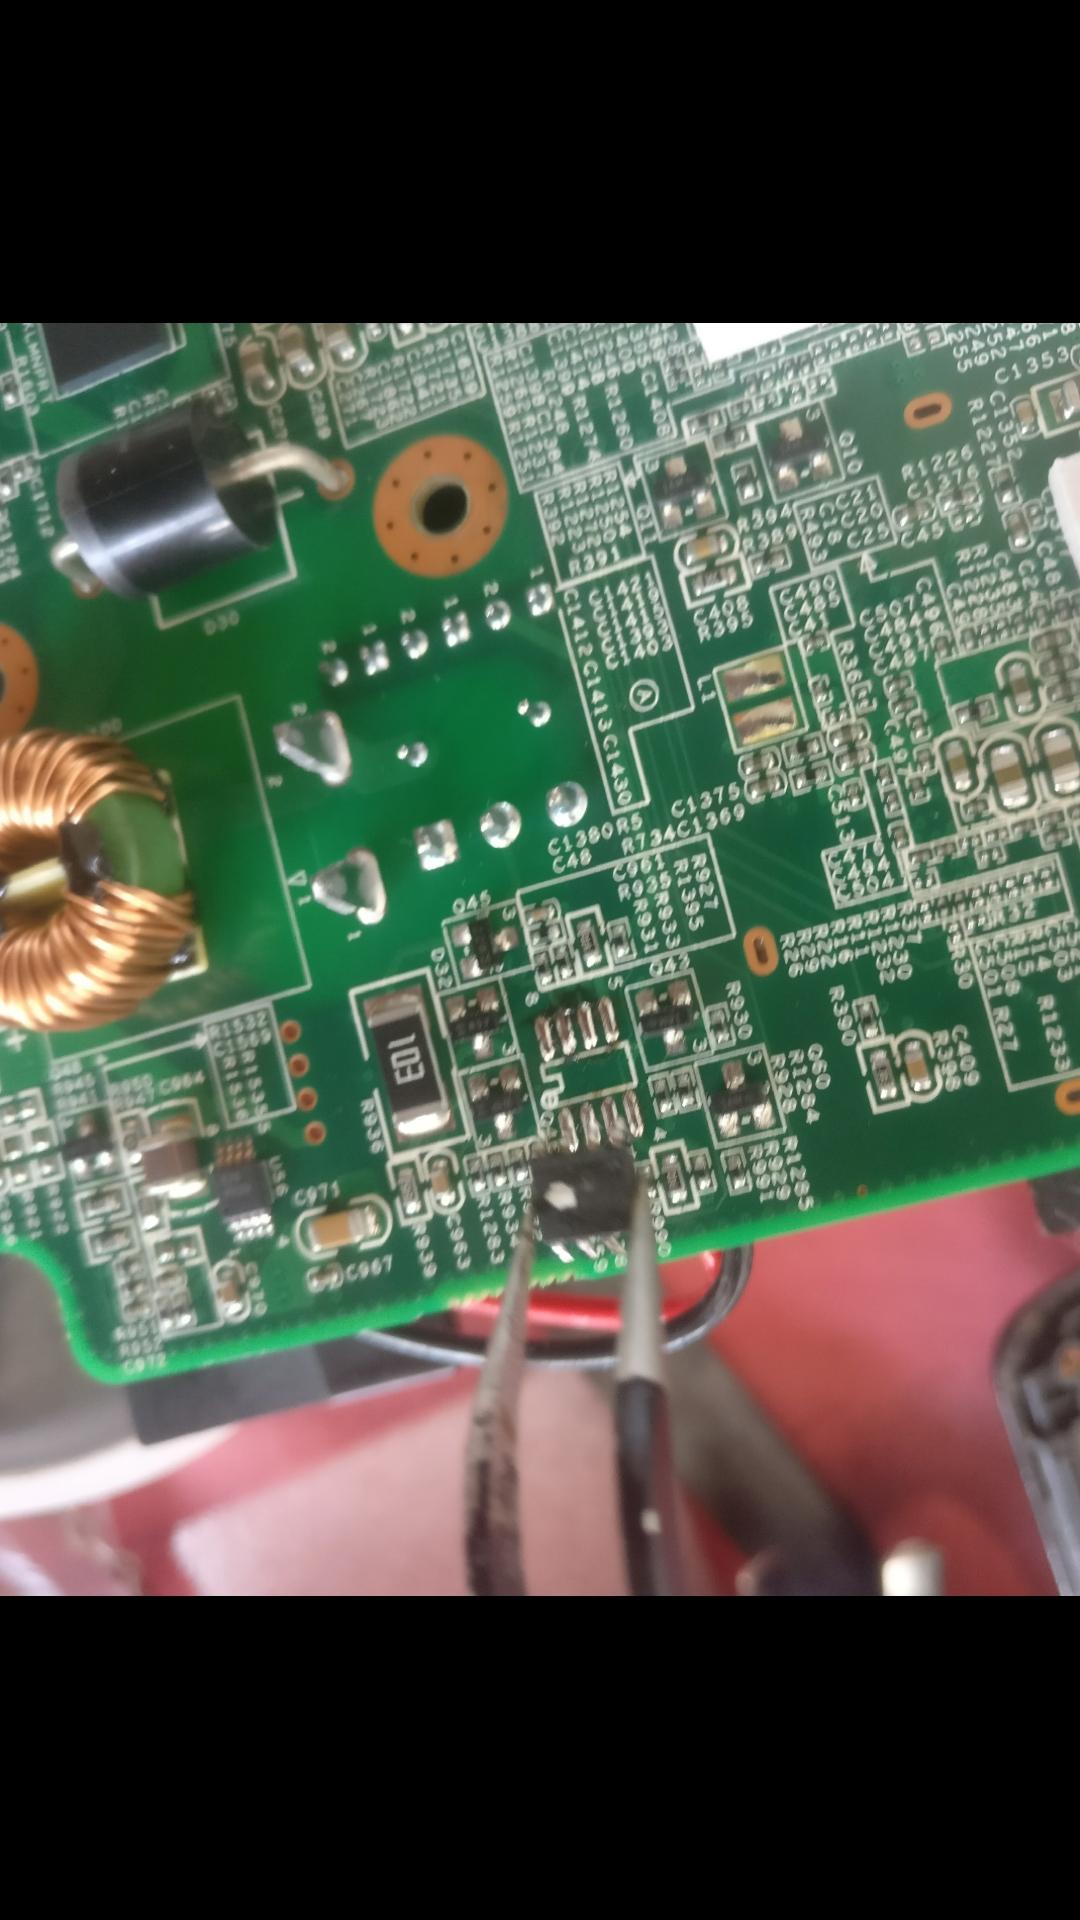 锐捷RG MTFI M520 4G 路由器改看门狗